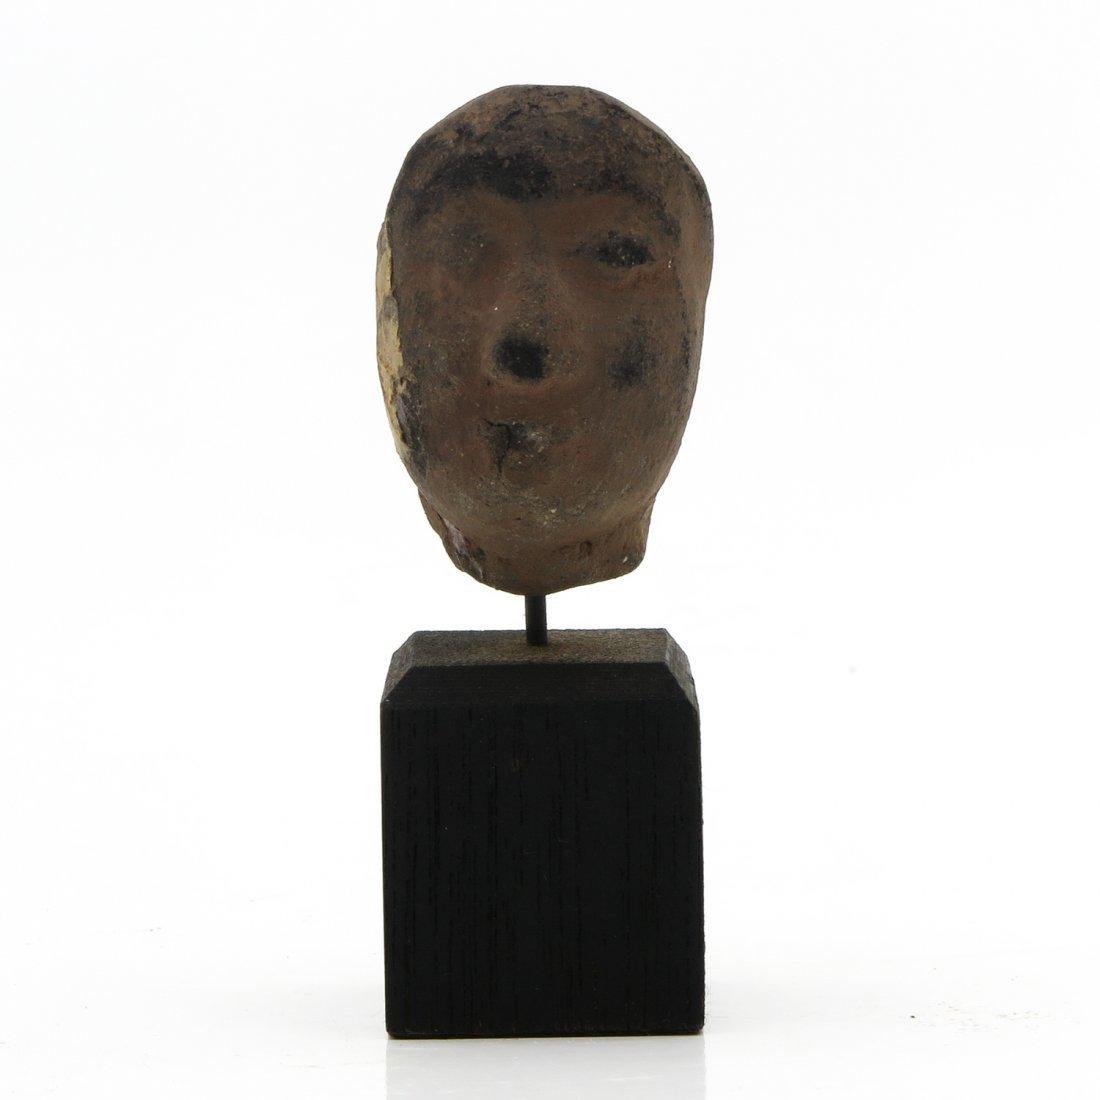 Sculpture Depicting Head